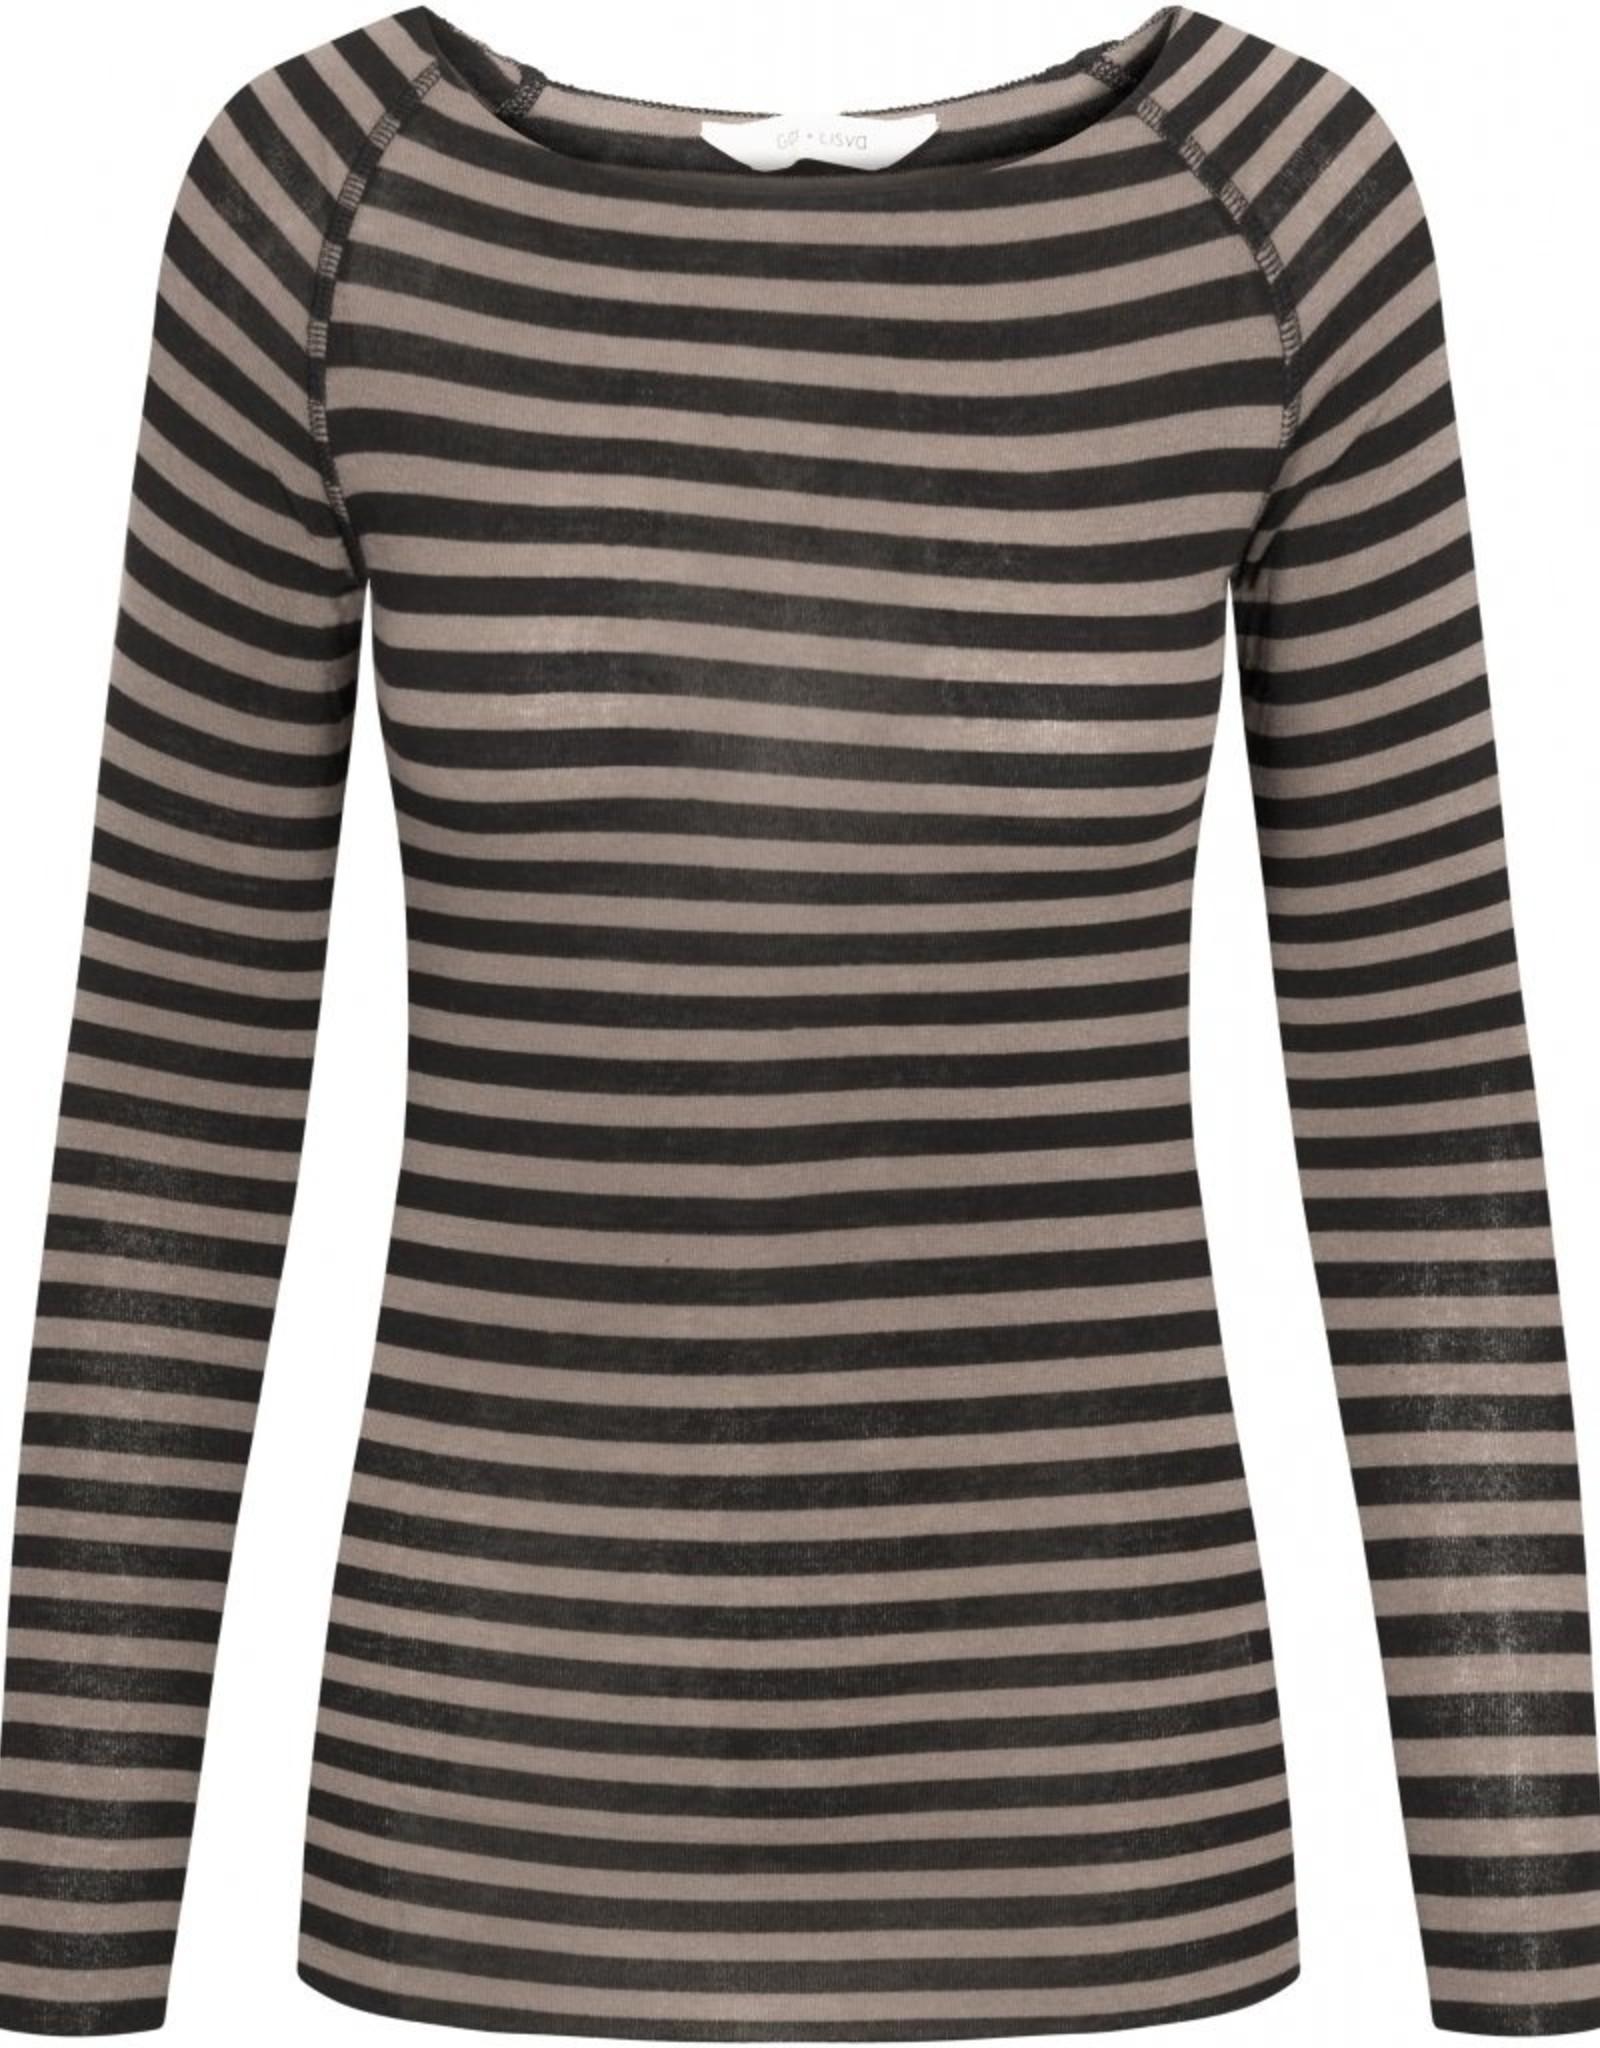 Gai&Lisva Amalie shirt wol/viscose stripe Hazy Brown